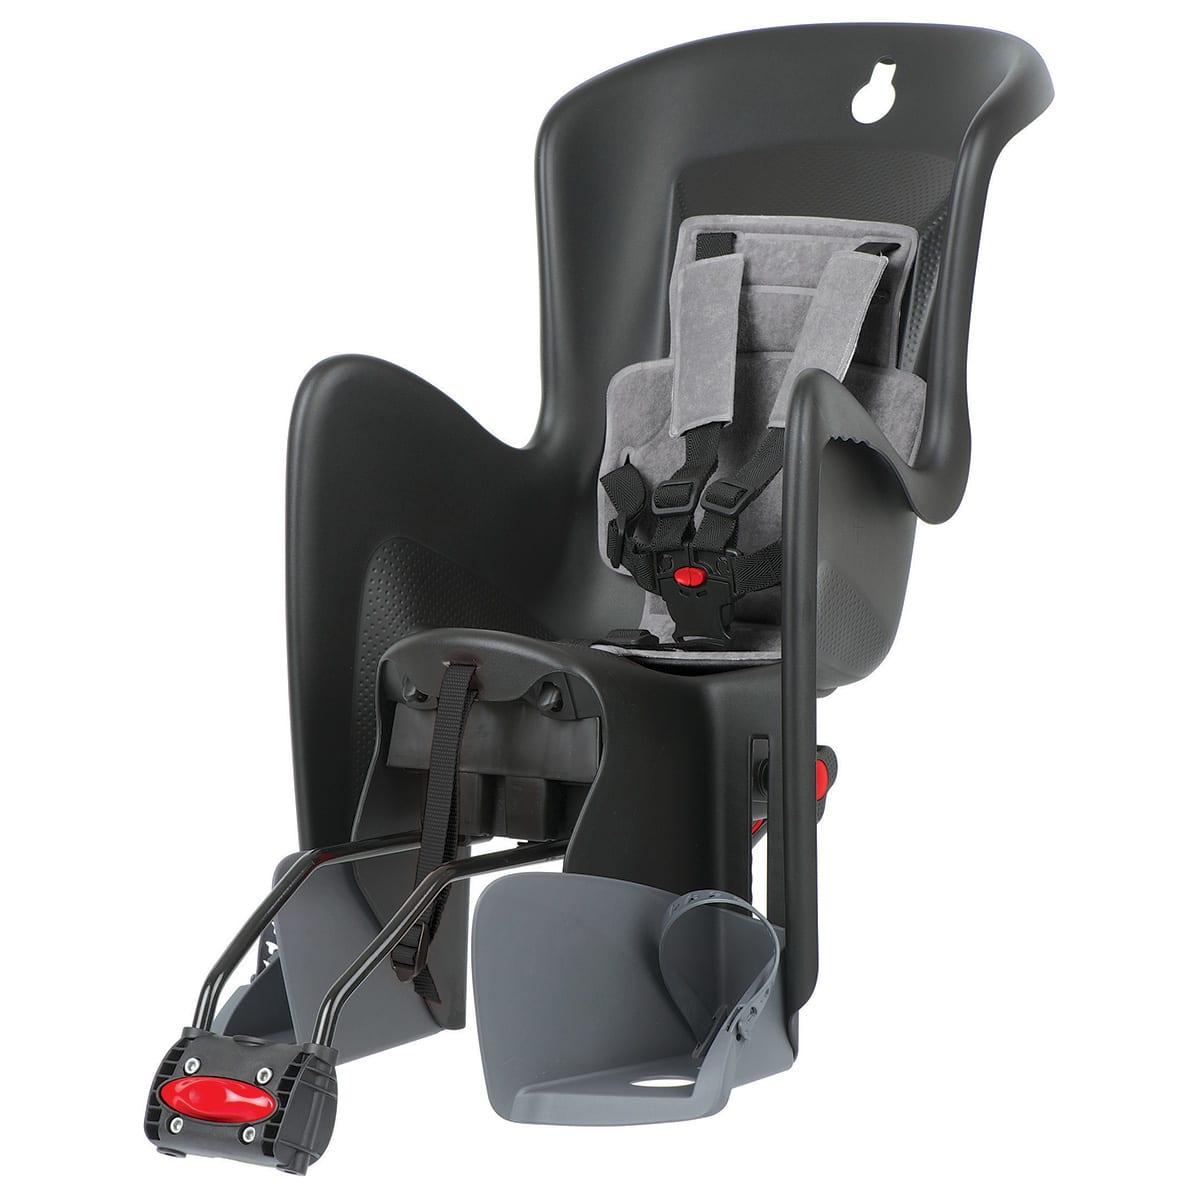 Bilby RS - Med tiltfunktion og 5-punktssele